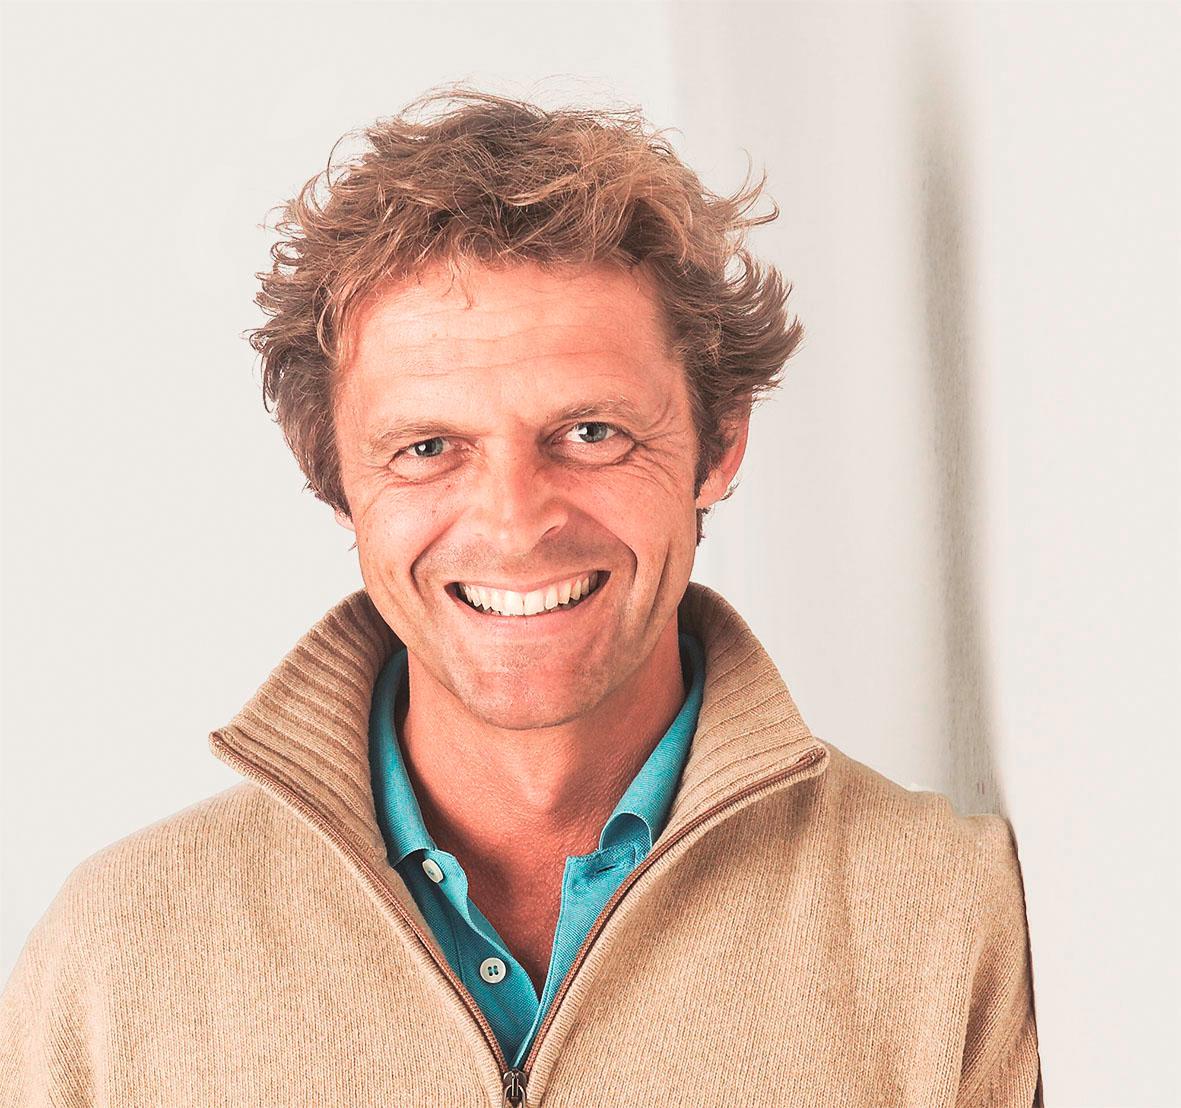 """Adrian Schulte ist Facharzt für Allgemeinmedizin und Naturheilverfahren und führt das auf Darmsanierung spezialisierte """"F.X. Mayr Zentrum Bodensee"""" in Überlingen."""